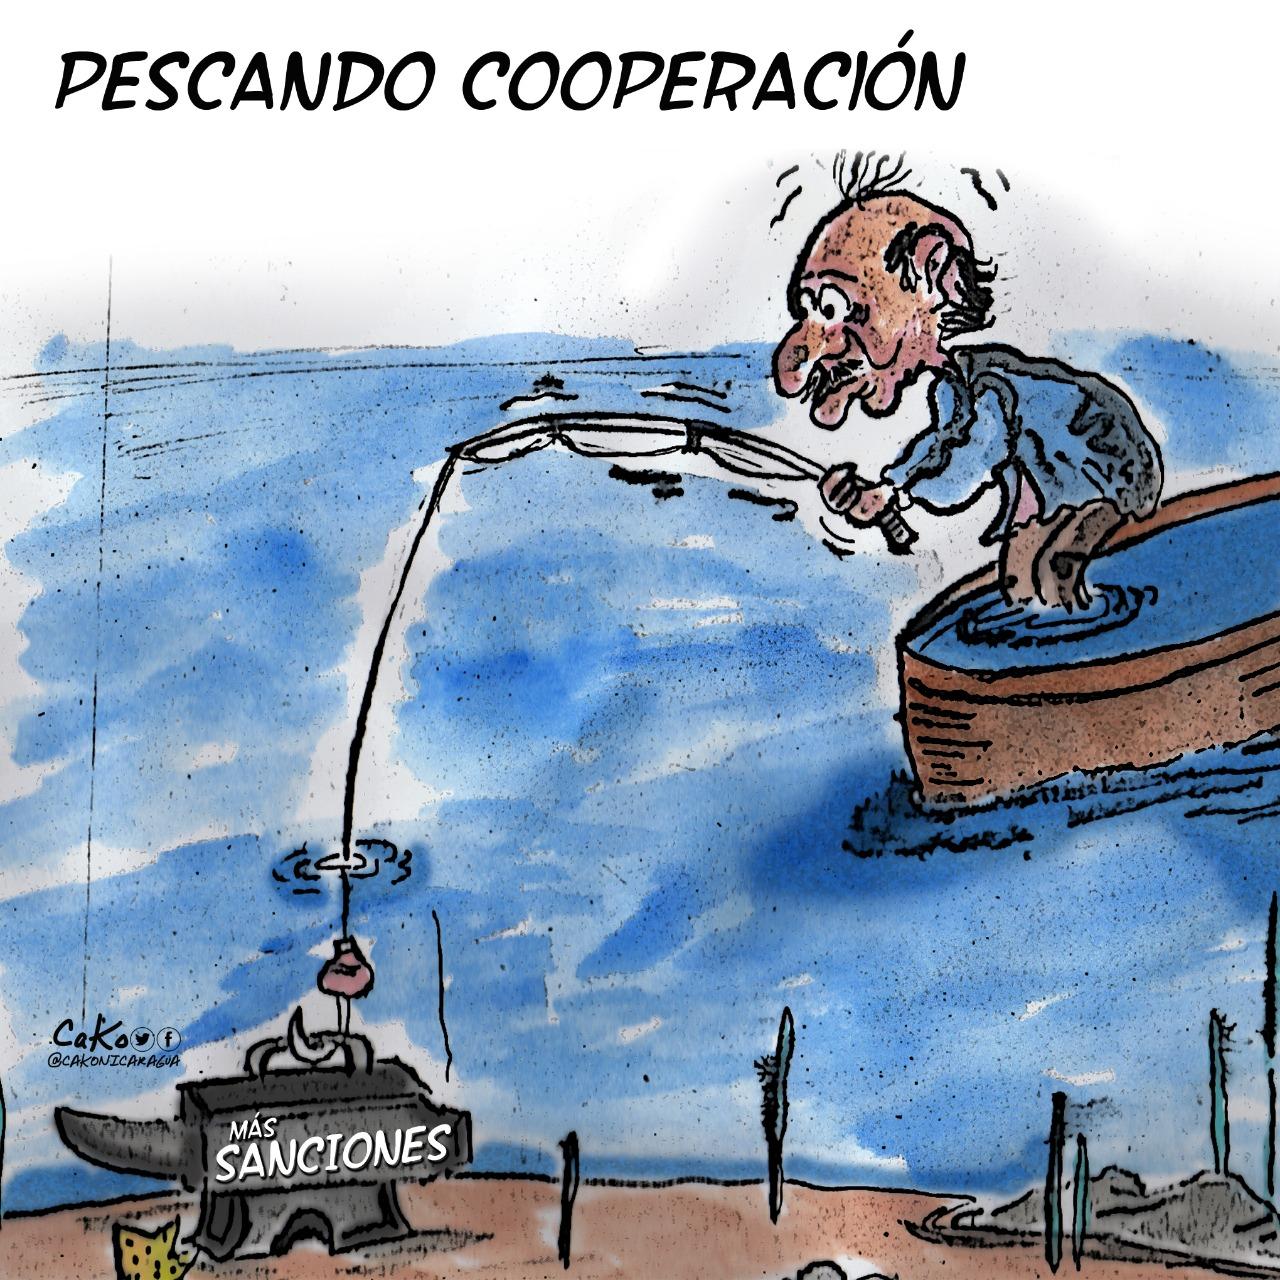 """La Caricatura: """"El dictador pescando cooperación"""""""